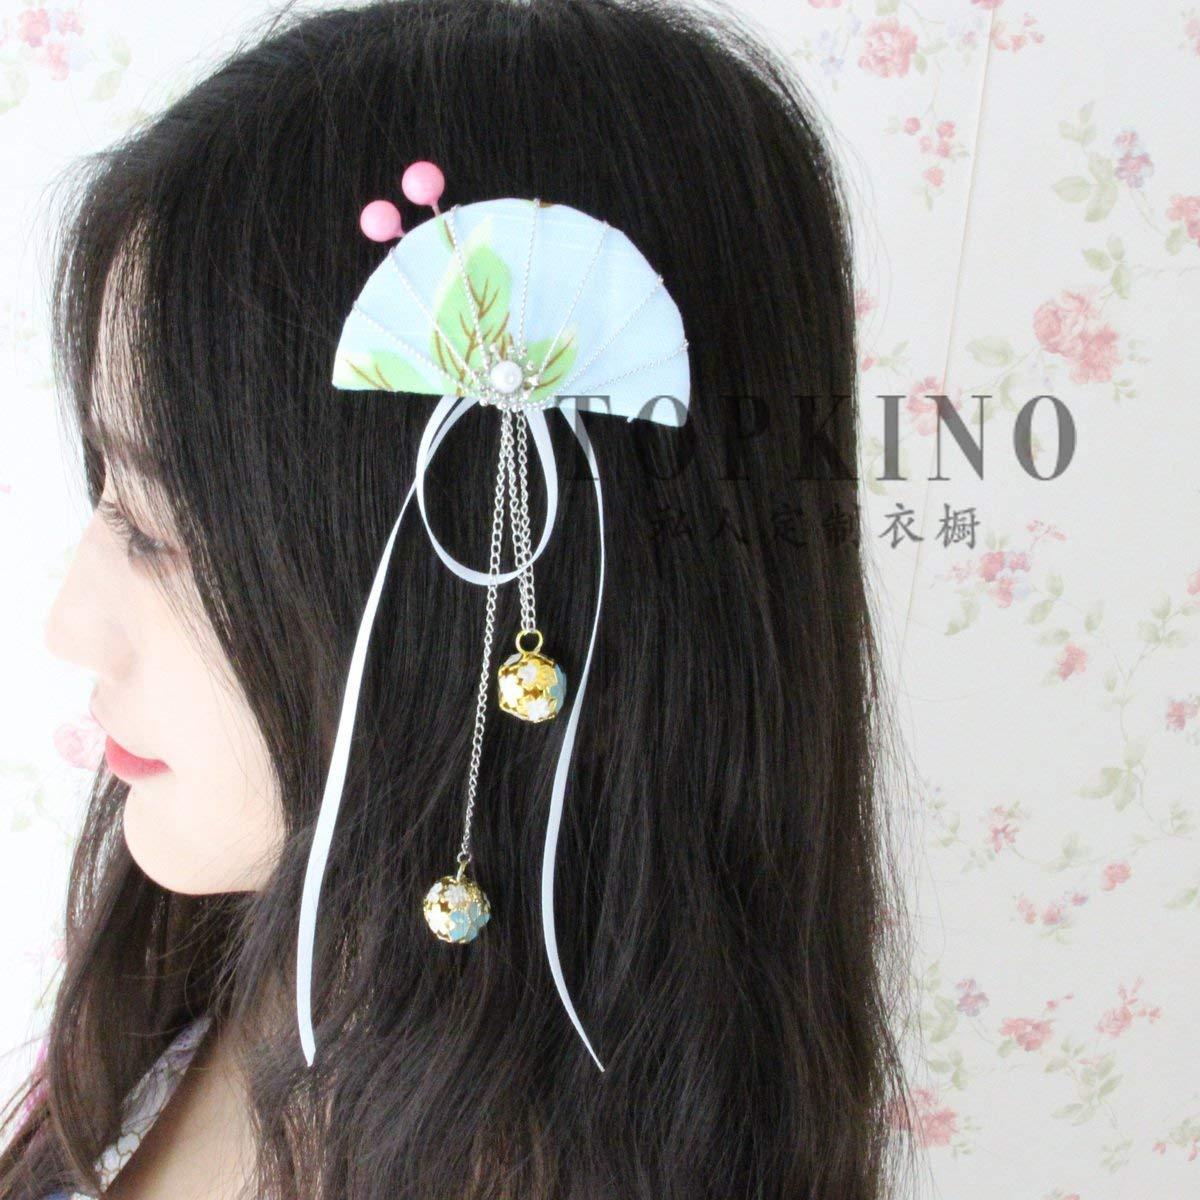 usongs Custom handmade wind bells berries tassels fan fretwork kimono flower hairpin hairpin head ornaments women girls